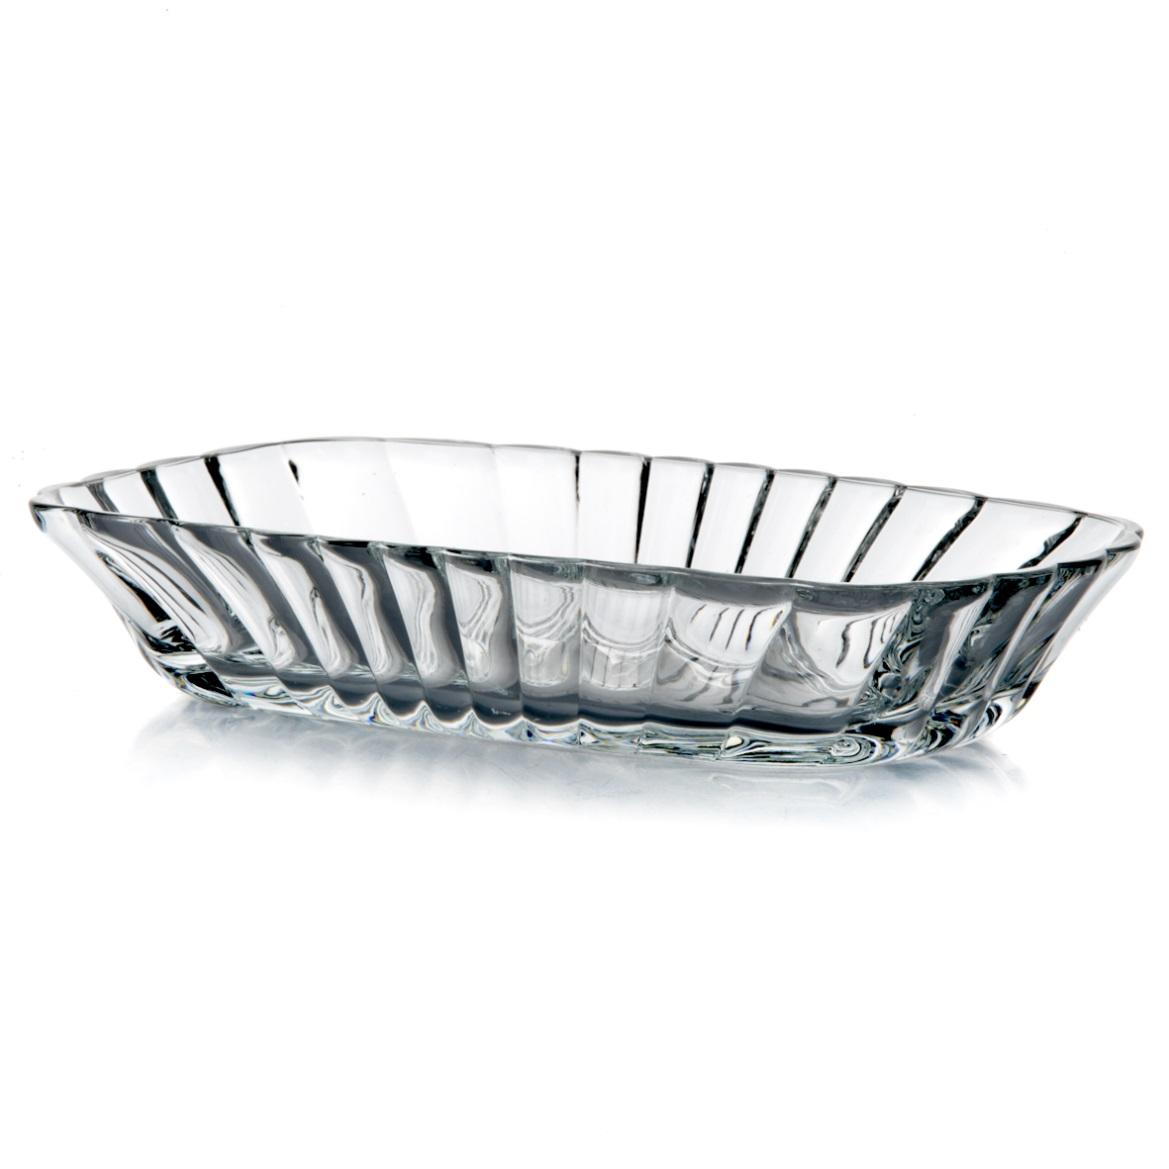 Набор салатников Pasabahce Mezze, цвет: прозрачный, 18,8 см х 12 см, 2 шт53712Набор Pasabahce Mezze состоит из двух салатников, выполненных из натрий-кальций-силикатного стекла. Стенки салатников рельефные. Изделия сочетают в себе изысканный дизайн и функциональность. Набор салатников Pasabahce Mezze прекрасно оформит праздничный стол и создаст приятную атмосферу за ужином. Такой набор также станет хорошим подарком к любому случаю. Размер салатника: 18,8 см х 12 см х 3,5 см.